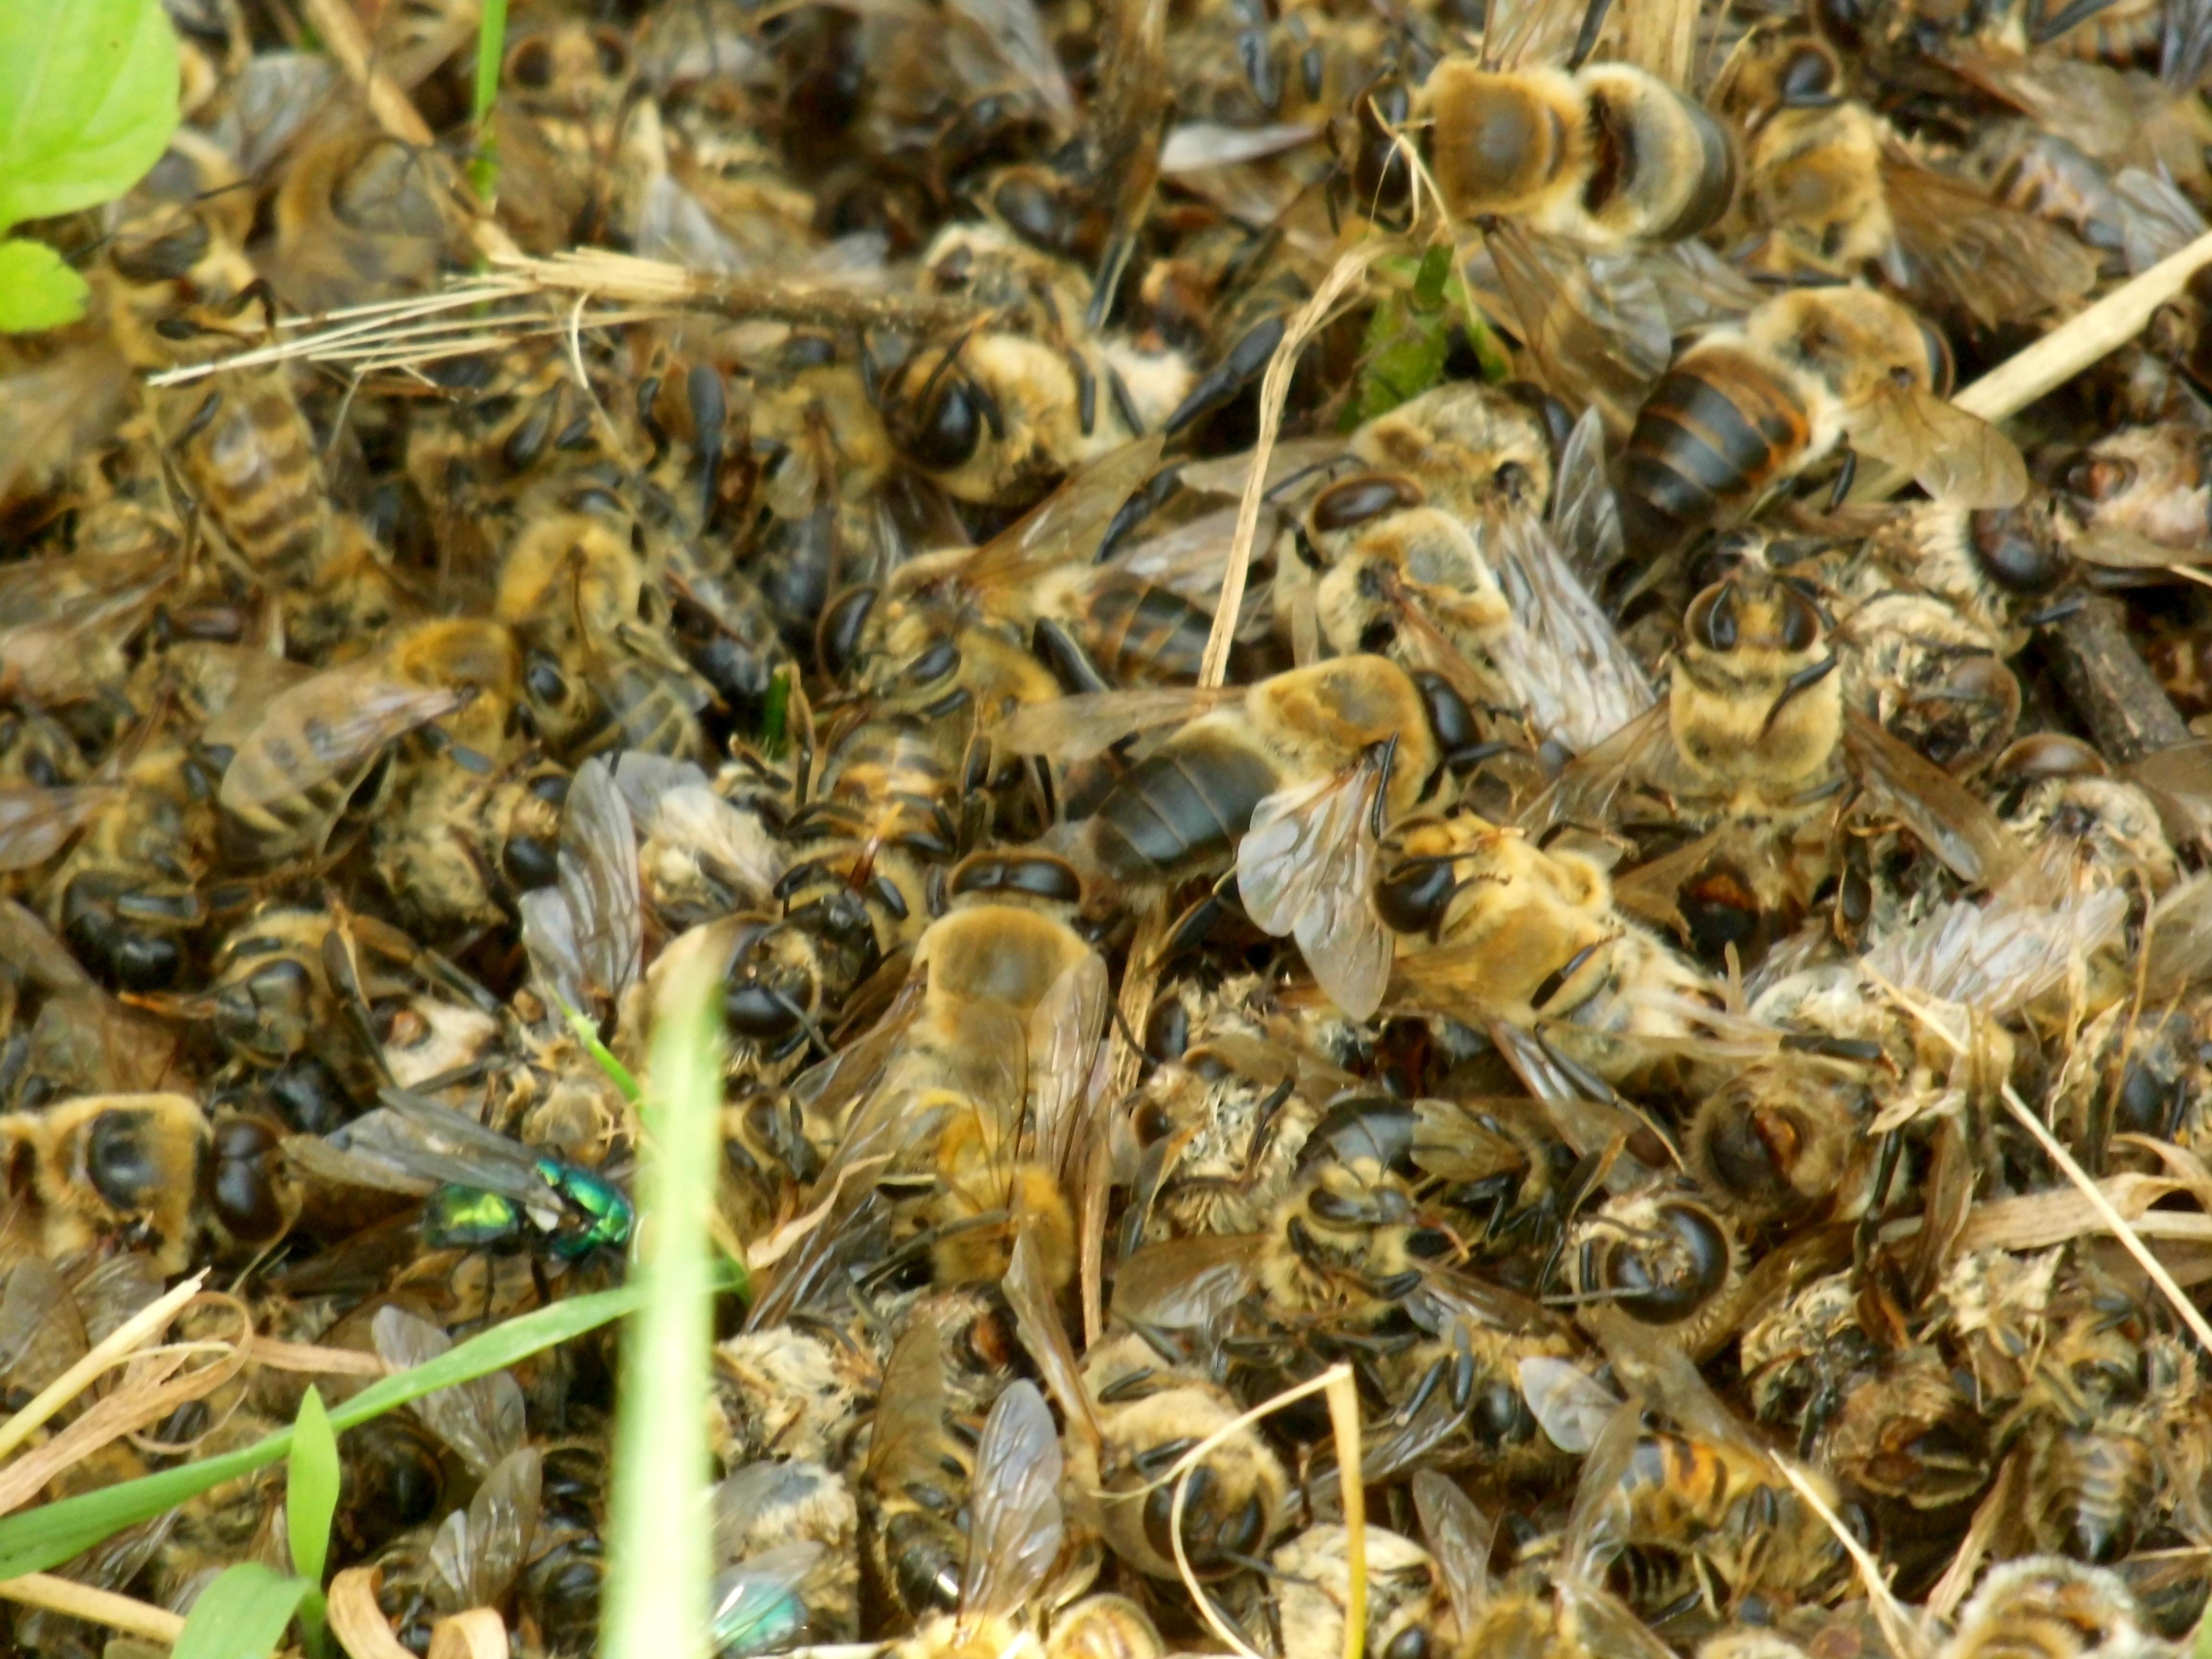 Vele duizenden vergiftigde bijen bij de Nijsmolen Stramproy